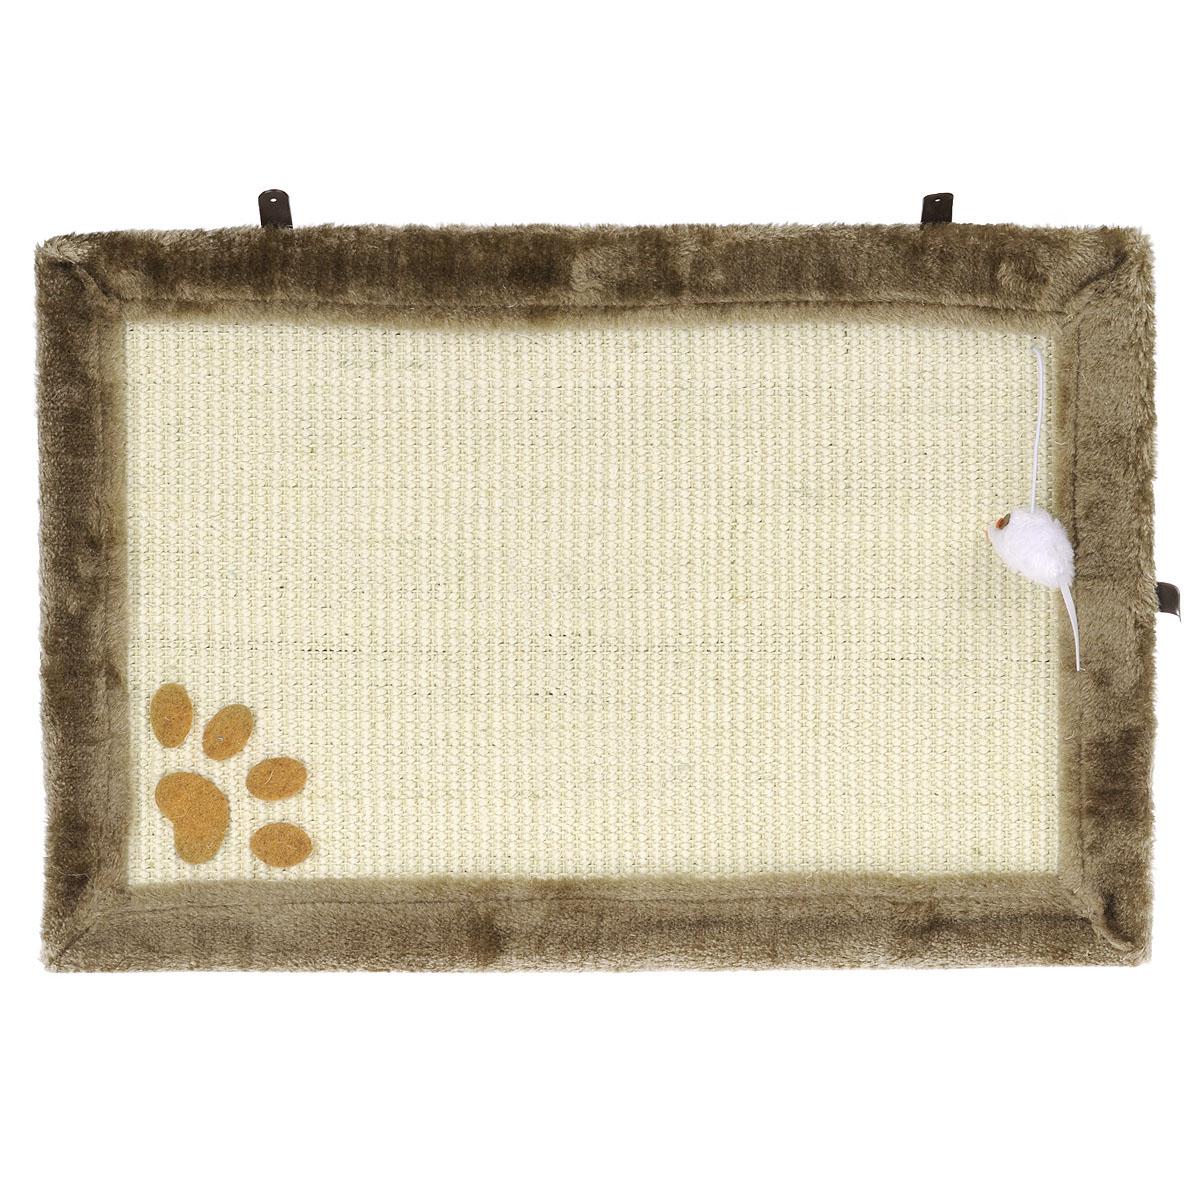 Когтеточка-коврик I.P.T.S., цвет: бежевый, 55 см х 35 см16453/405718Когтеточка в виде коврика I.P.T.S. изготовлена из сизаля - устойчивого натурального материала.По краям коврик обит плюшем, который так нравится кошкам. В уголке прикреплена игрушечная мышка на веревочке, которая поможет привлечь внимание вашего питомца к когтеточке и приучить его точить когти в нужном месте. Коврик можно разместить в любом месте вашего дома или даже повесить на стену. Перед тем, как определиться с местом, понаблюдайте за привычками своего любимца - где ему больше по душе точить когти.В комплект входят 3 шурупа.